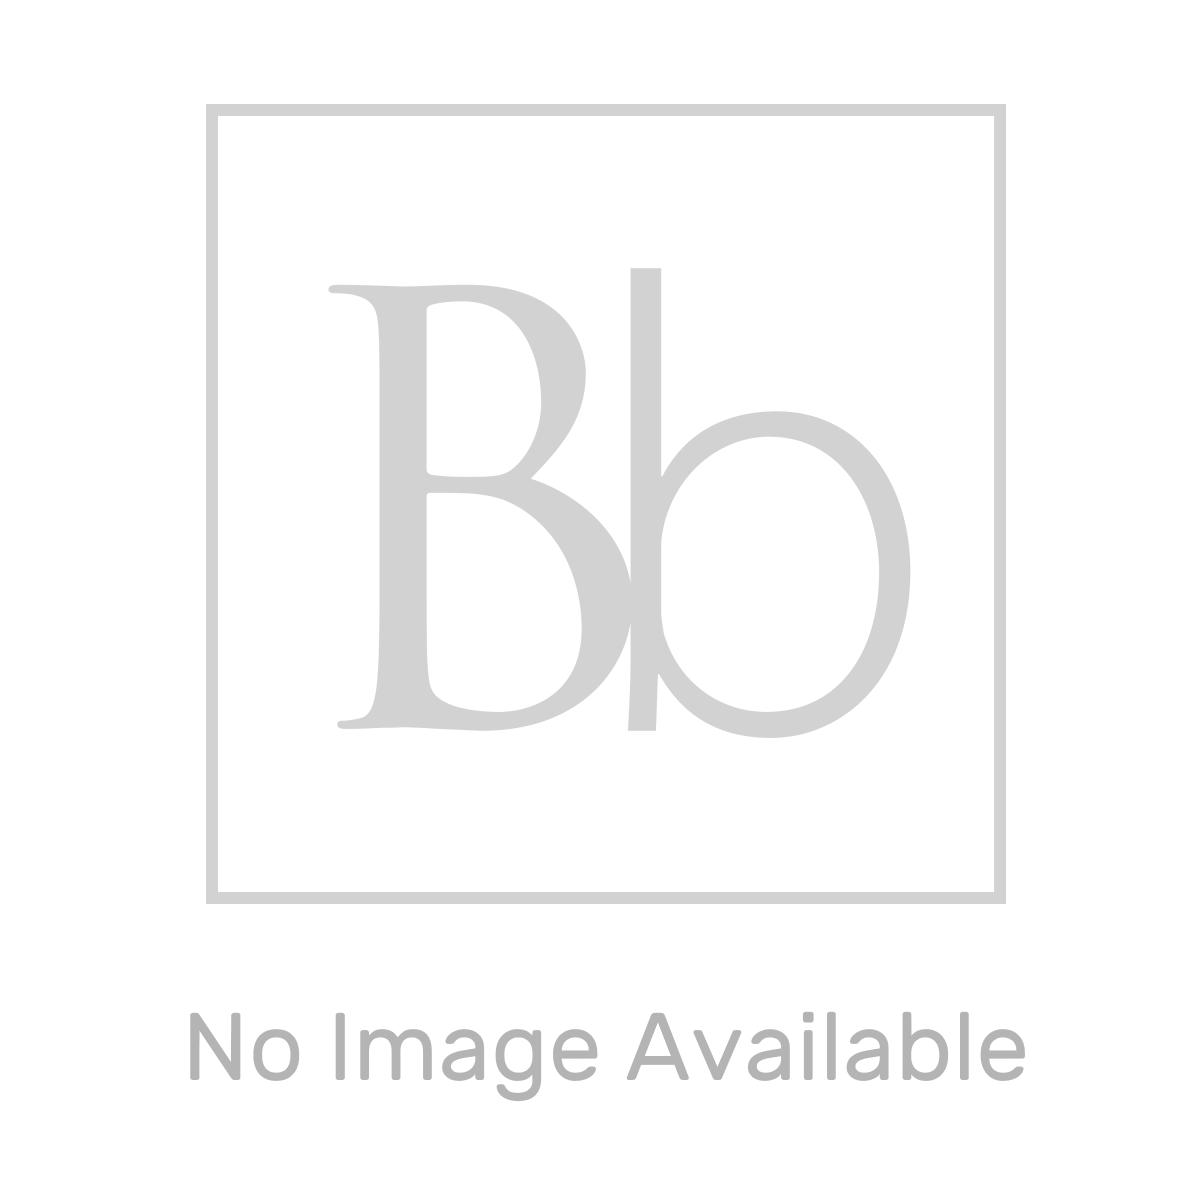 Cassellie Cass Stone White Slate Effect Offset Quadrant Shower Tray 1200 x 900mm Left Handed